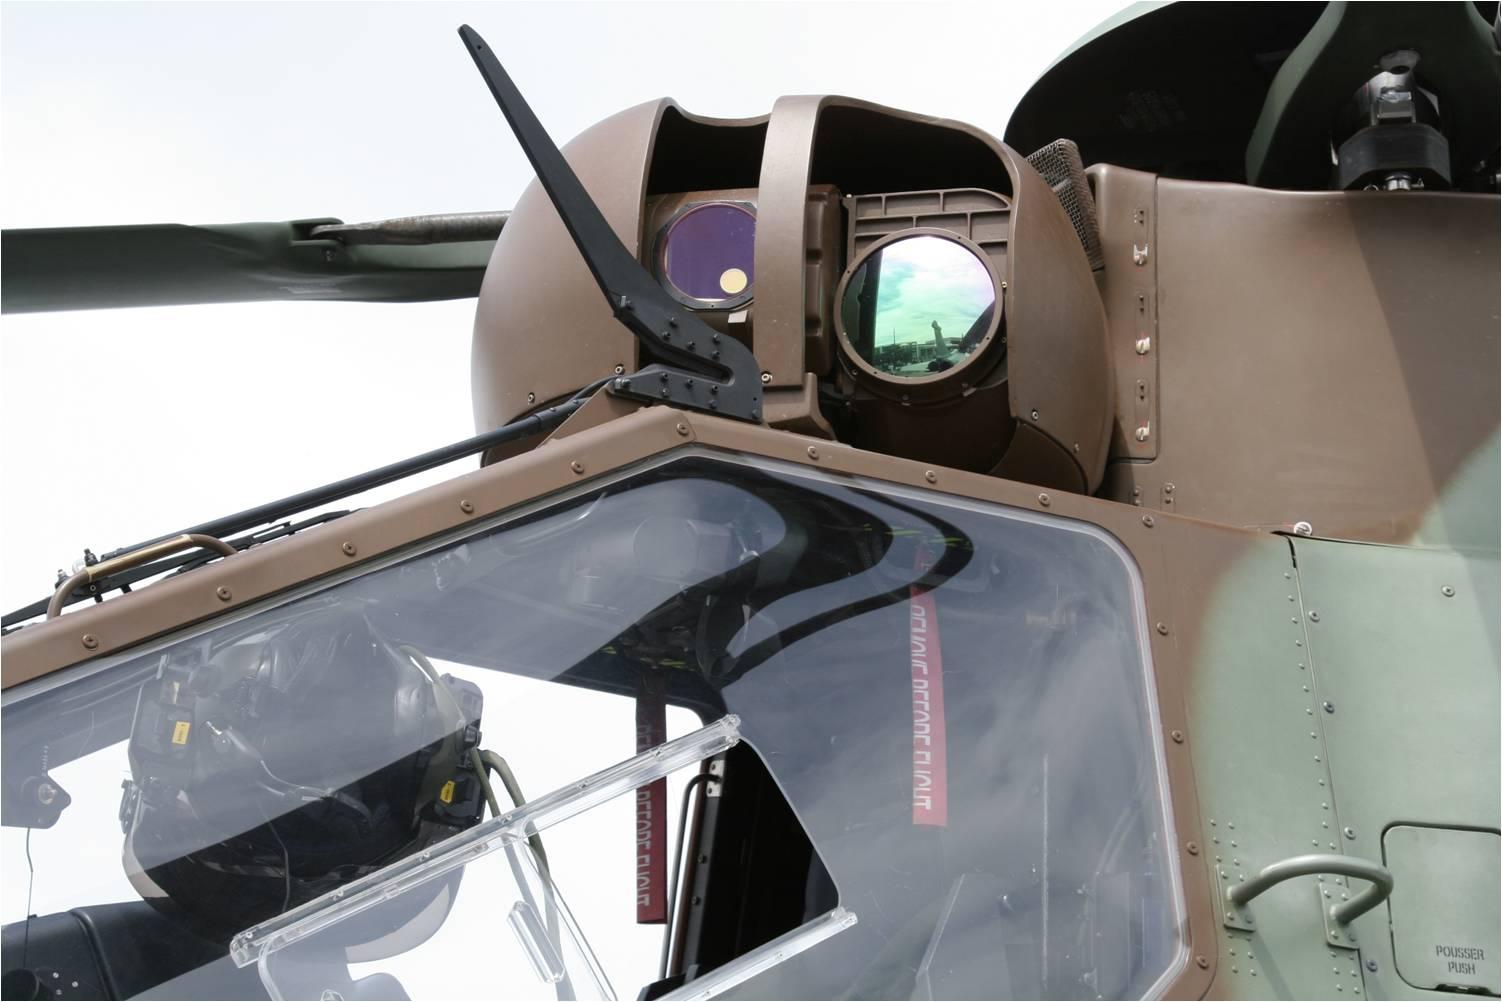 Оптико-электронная система Safran (Sagem) Strix на европейском боевом вертолете Airbus Helicopters Tiger.